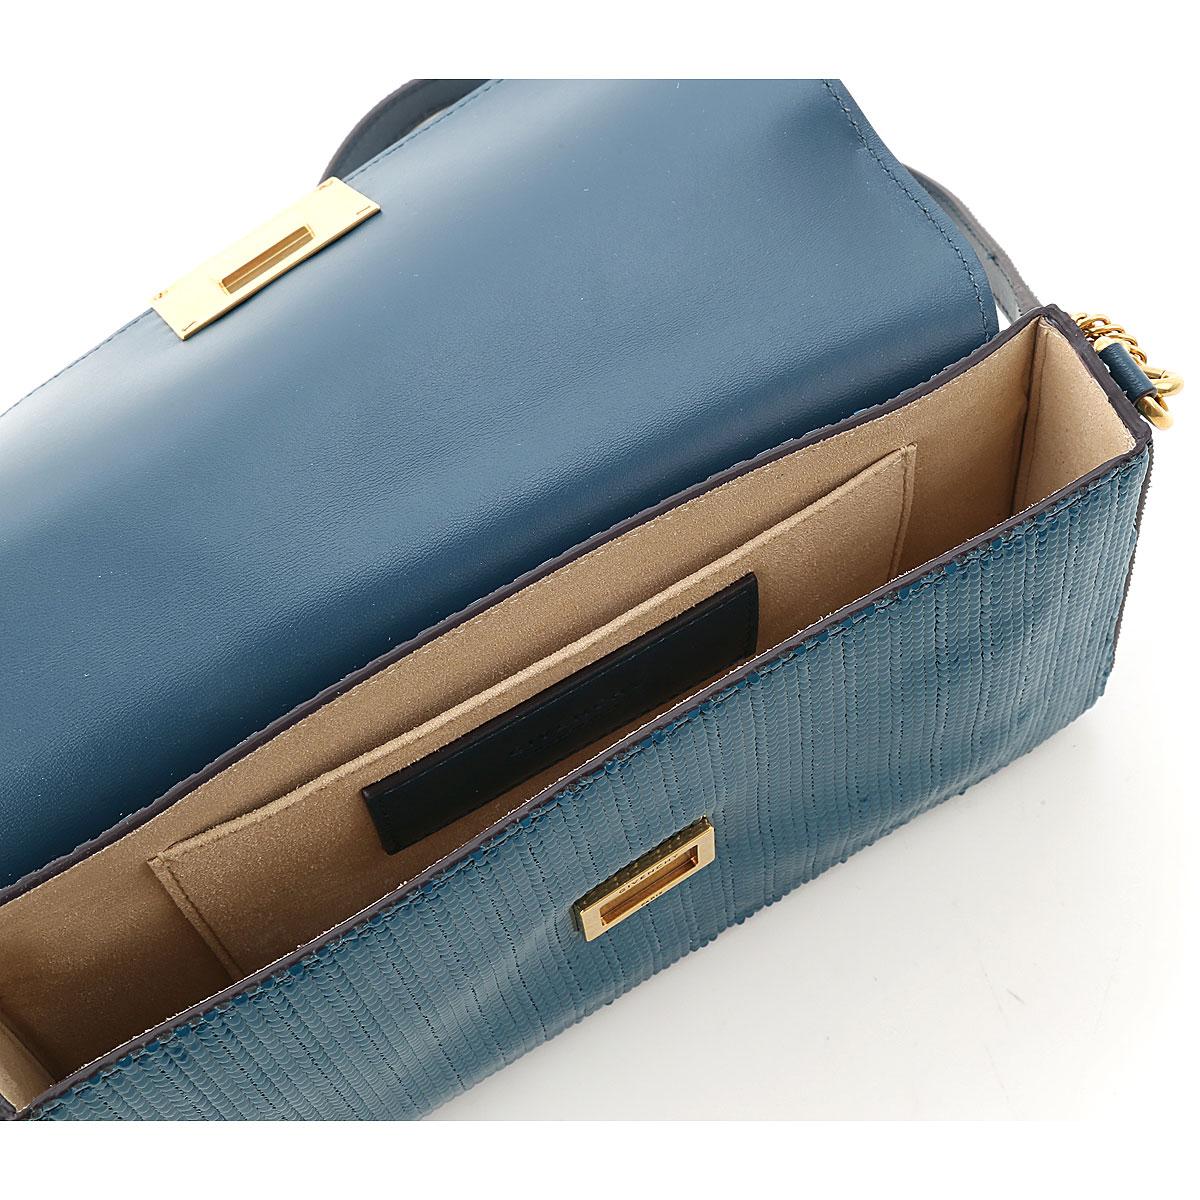 Givenchy De Azul 2019 Primavera Carteras Bolsos Prusia Oro dorado verano Y1rYvq